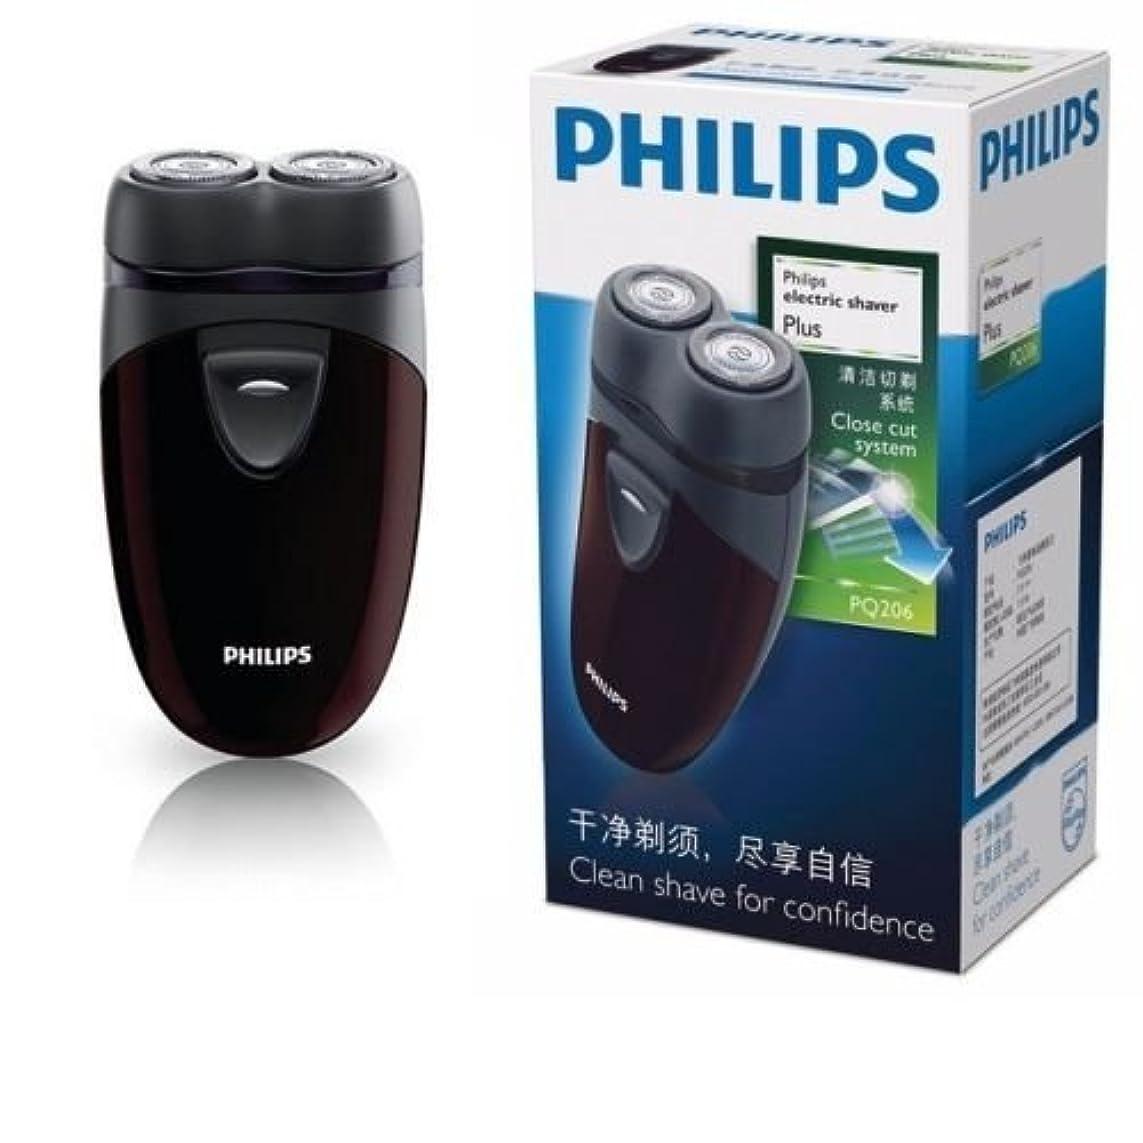 機関車目立つ嵐Philips PQ206 電気シェーバーのバッテリーは持ち運びに便利パワード [並行輸入品]